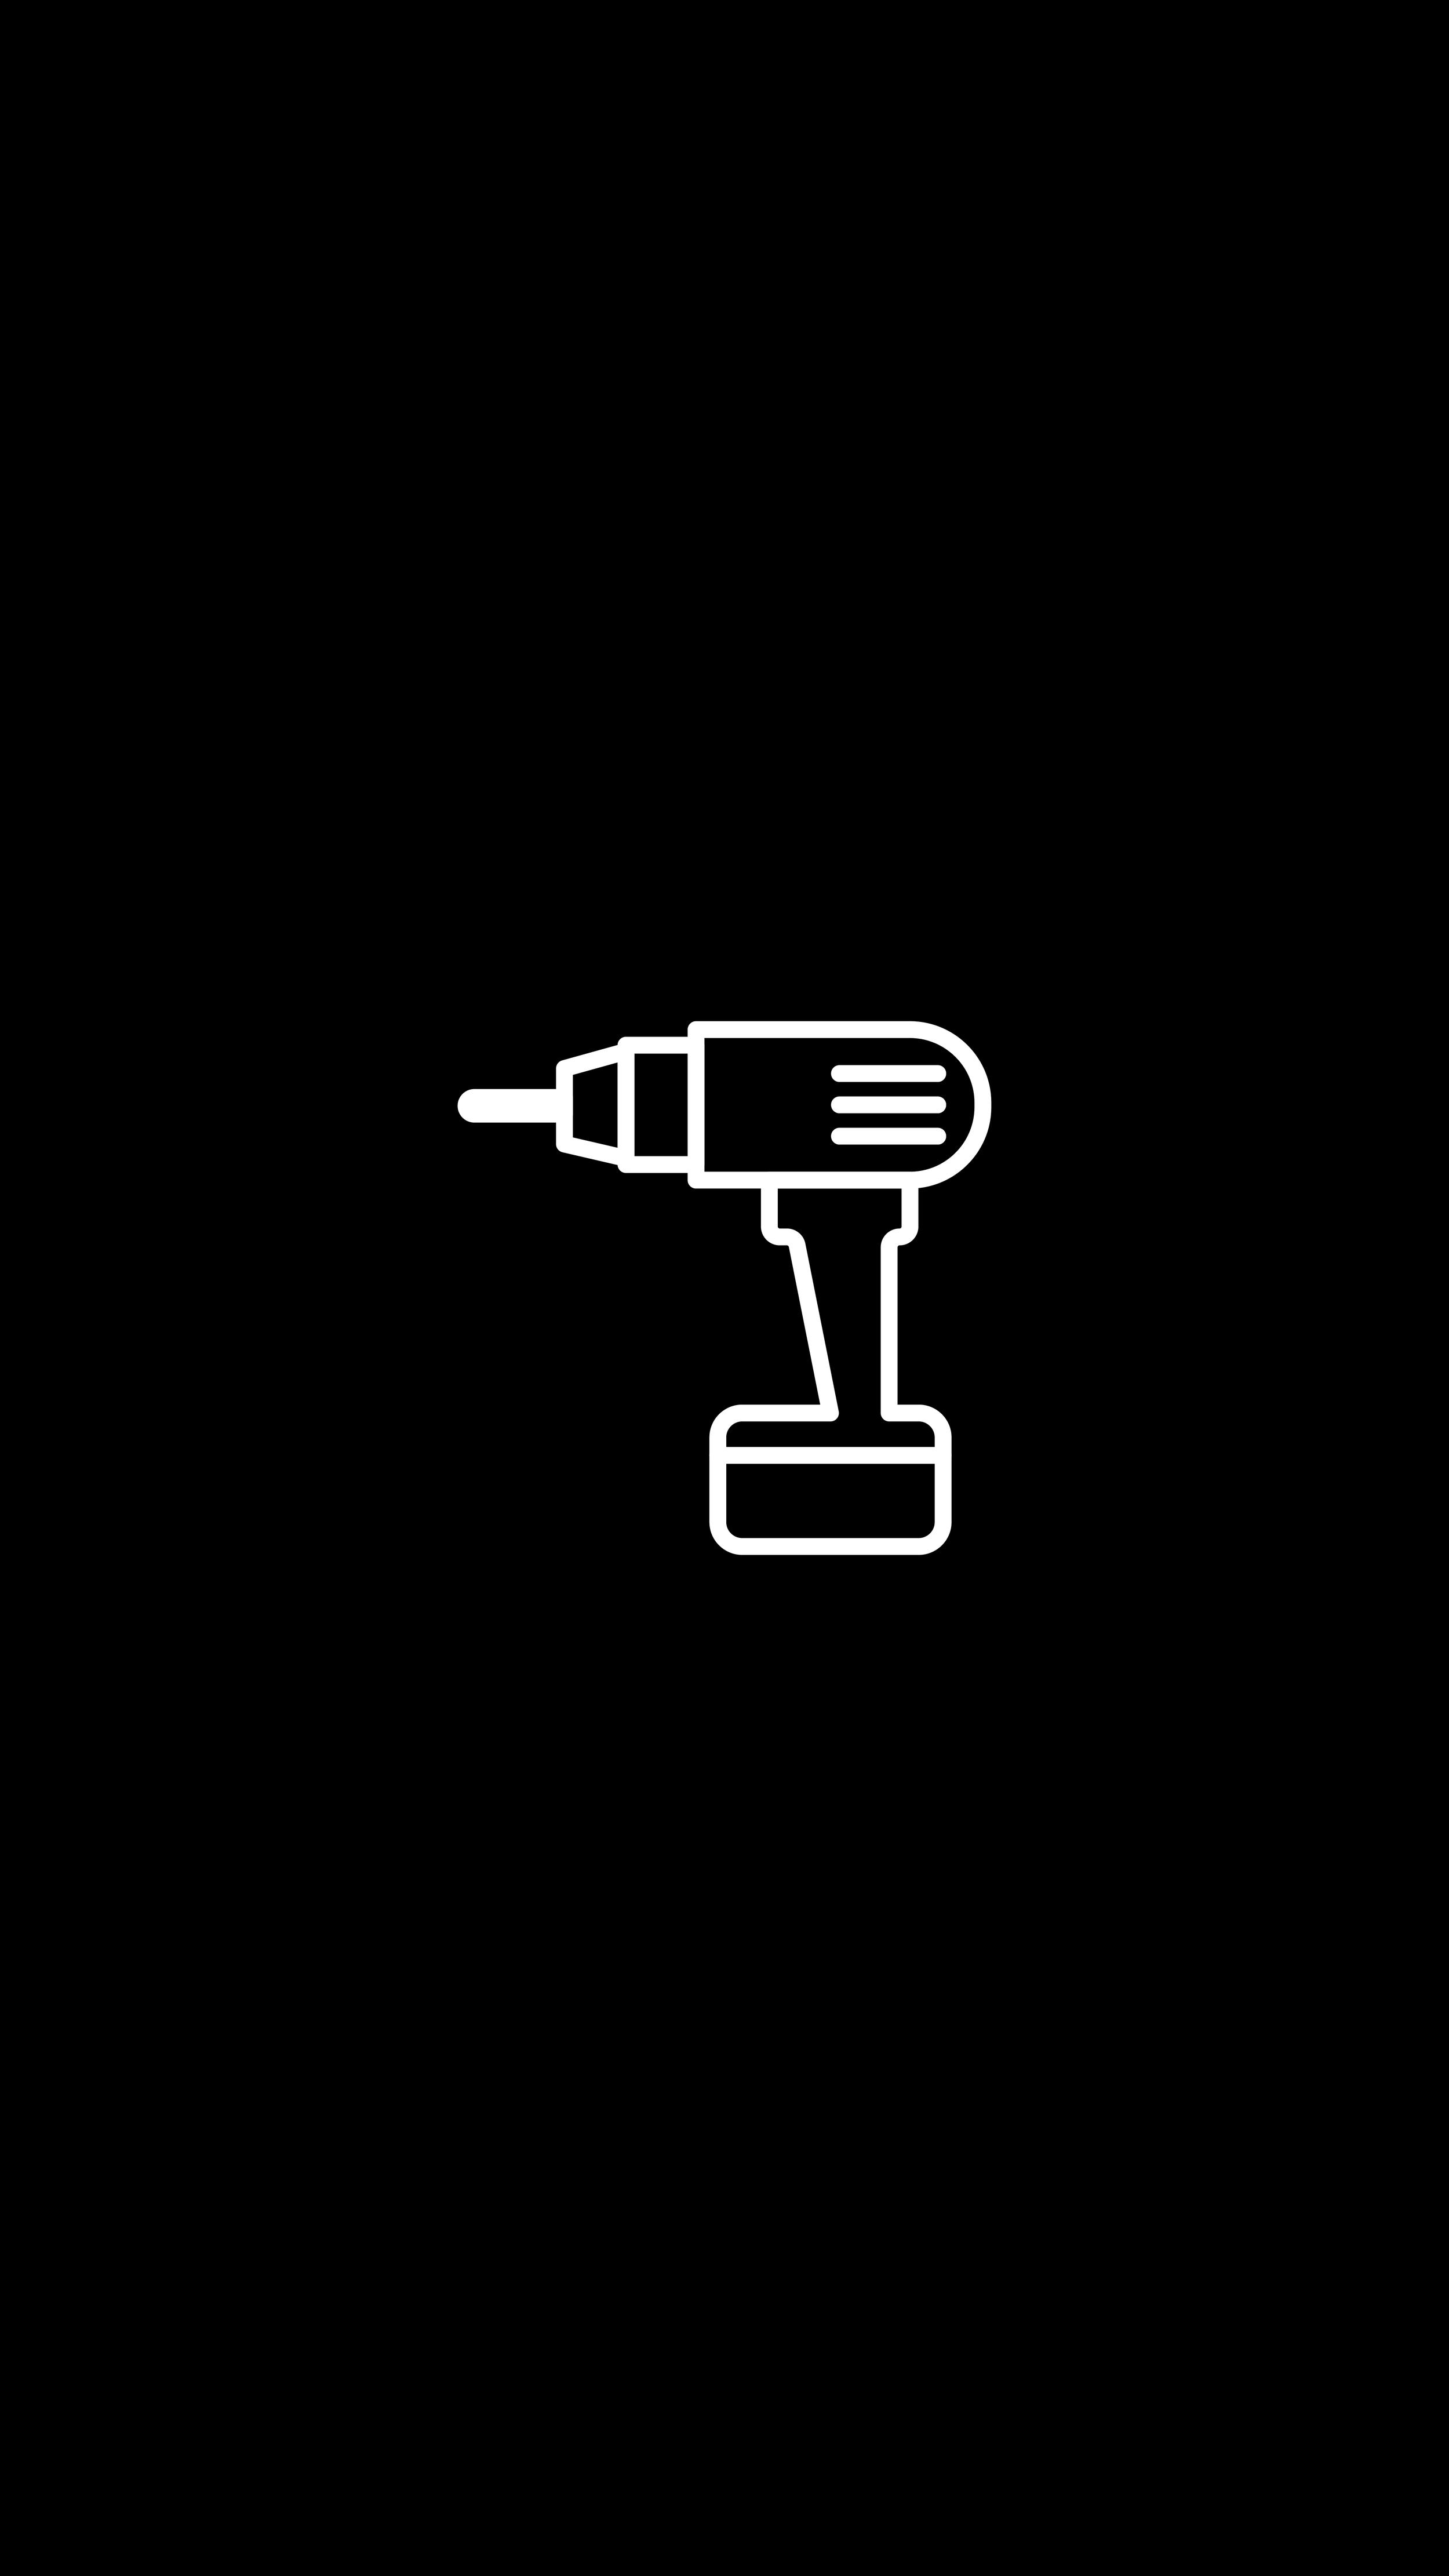 Drill, Power Tools, DIY